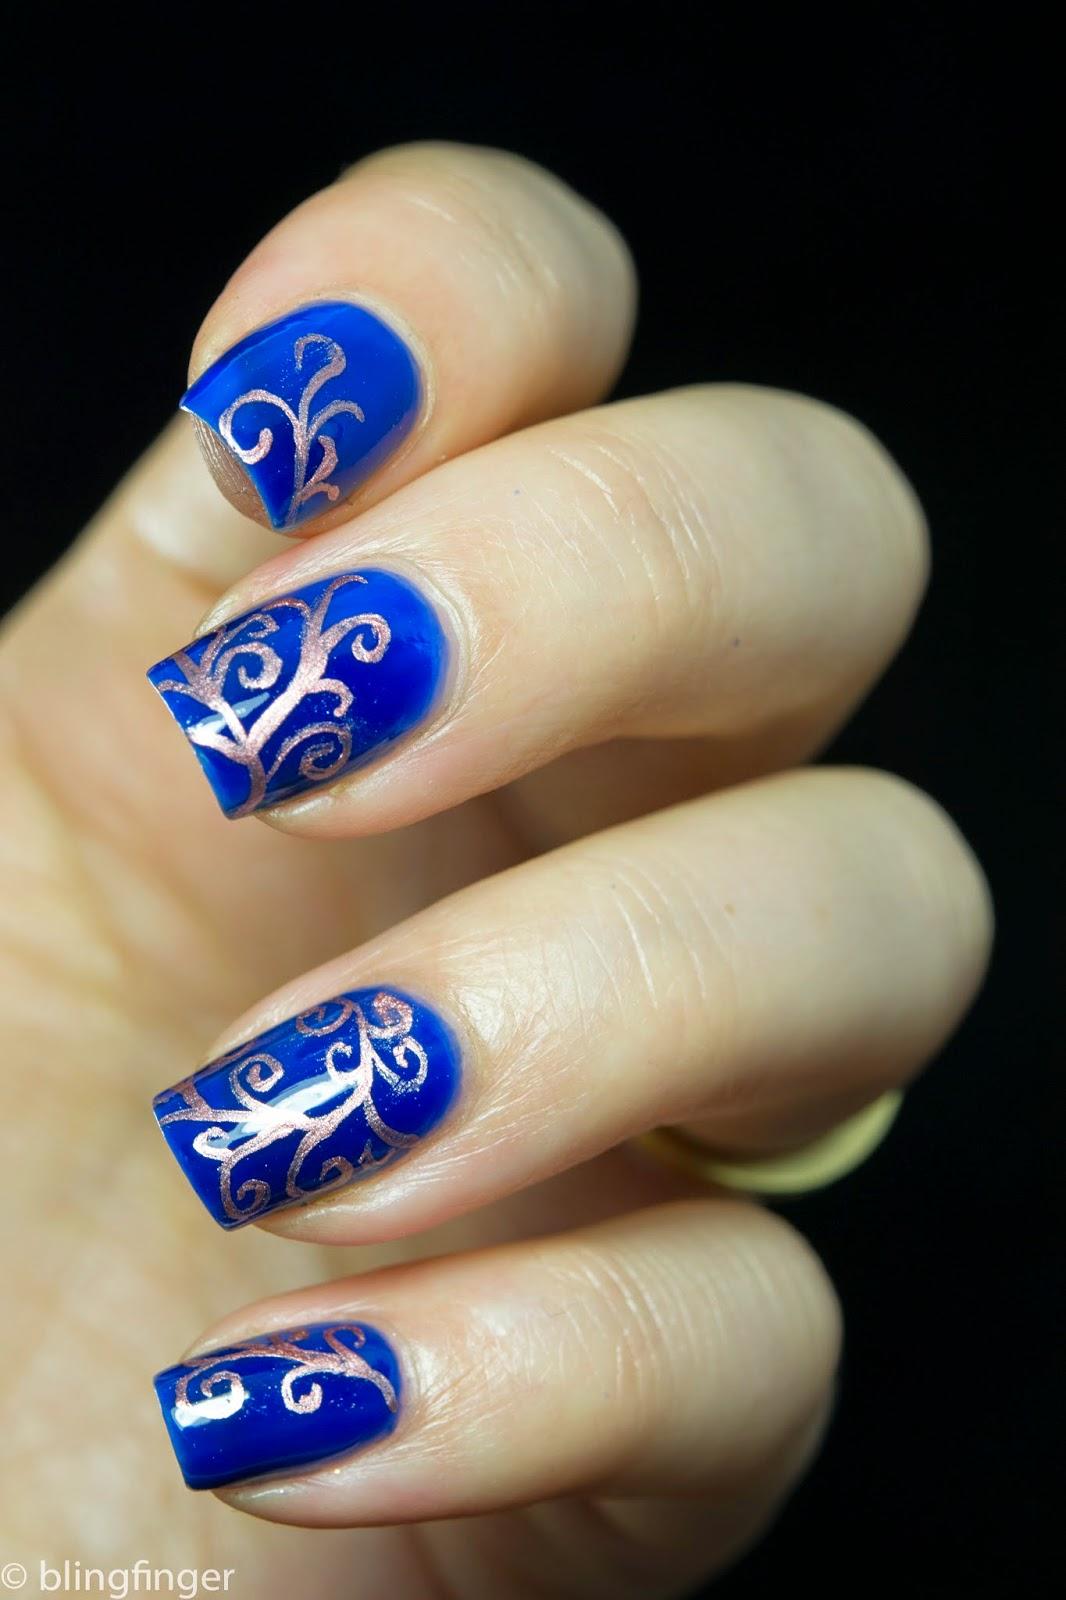 Blingfinger: Swirl Pattern - Nail Art